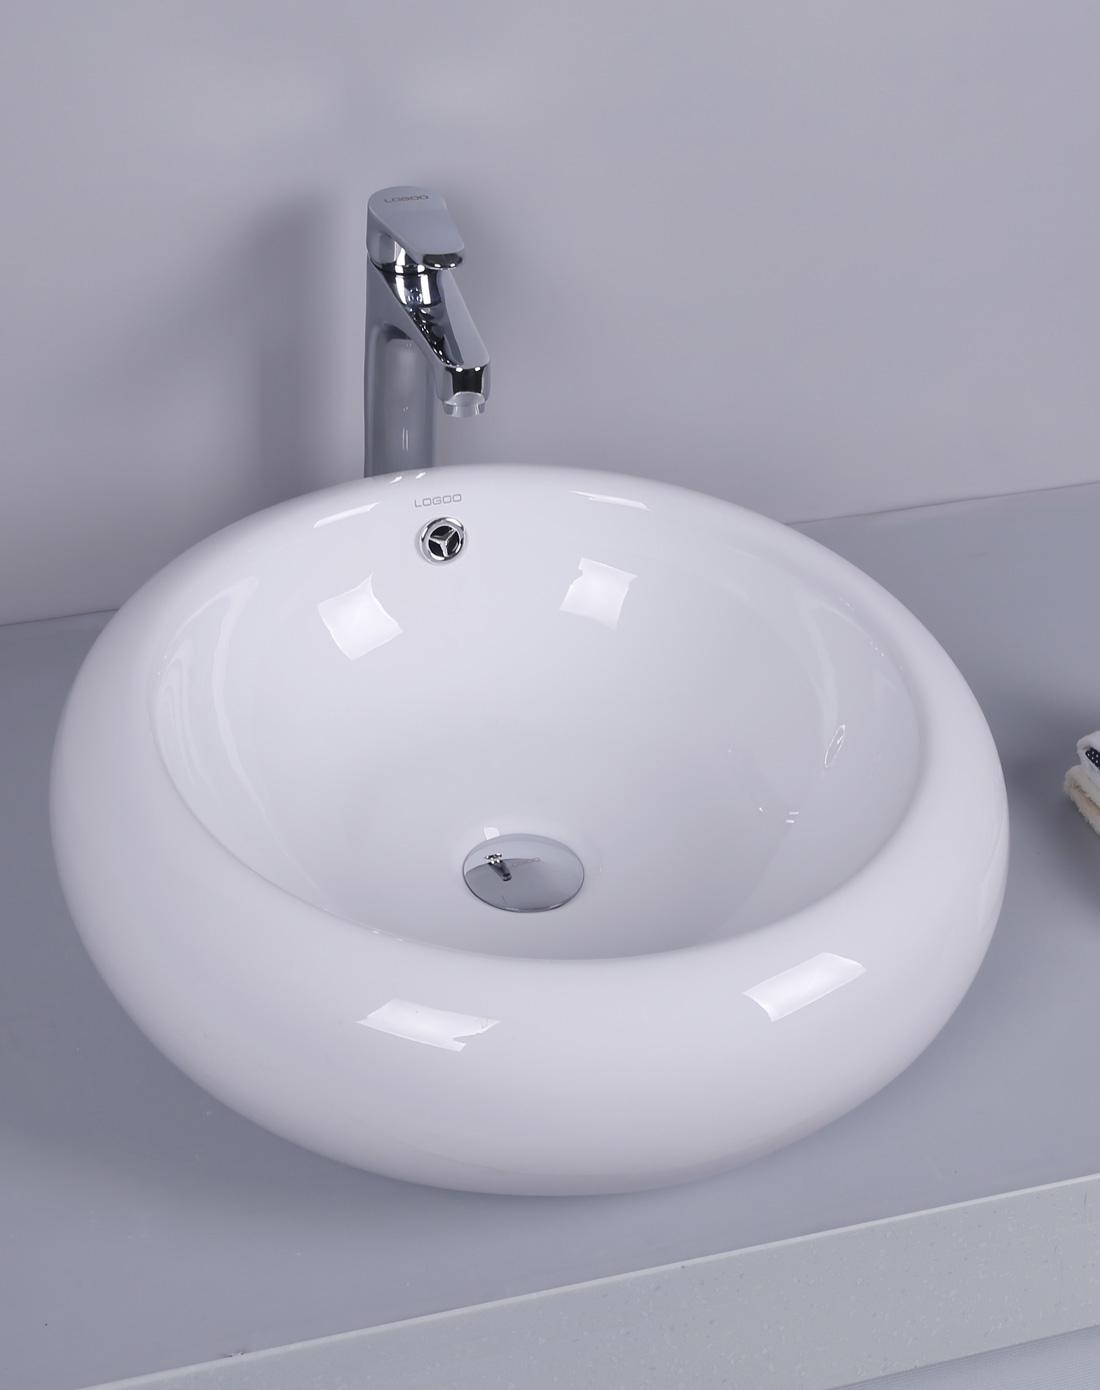 卫生间欧式陶瓷圆形艺术台上盆